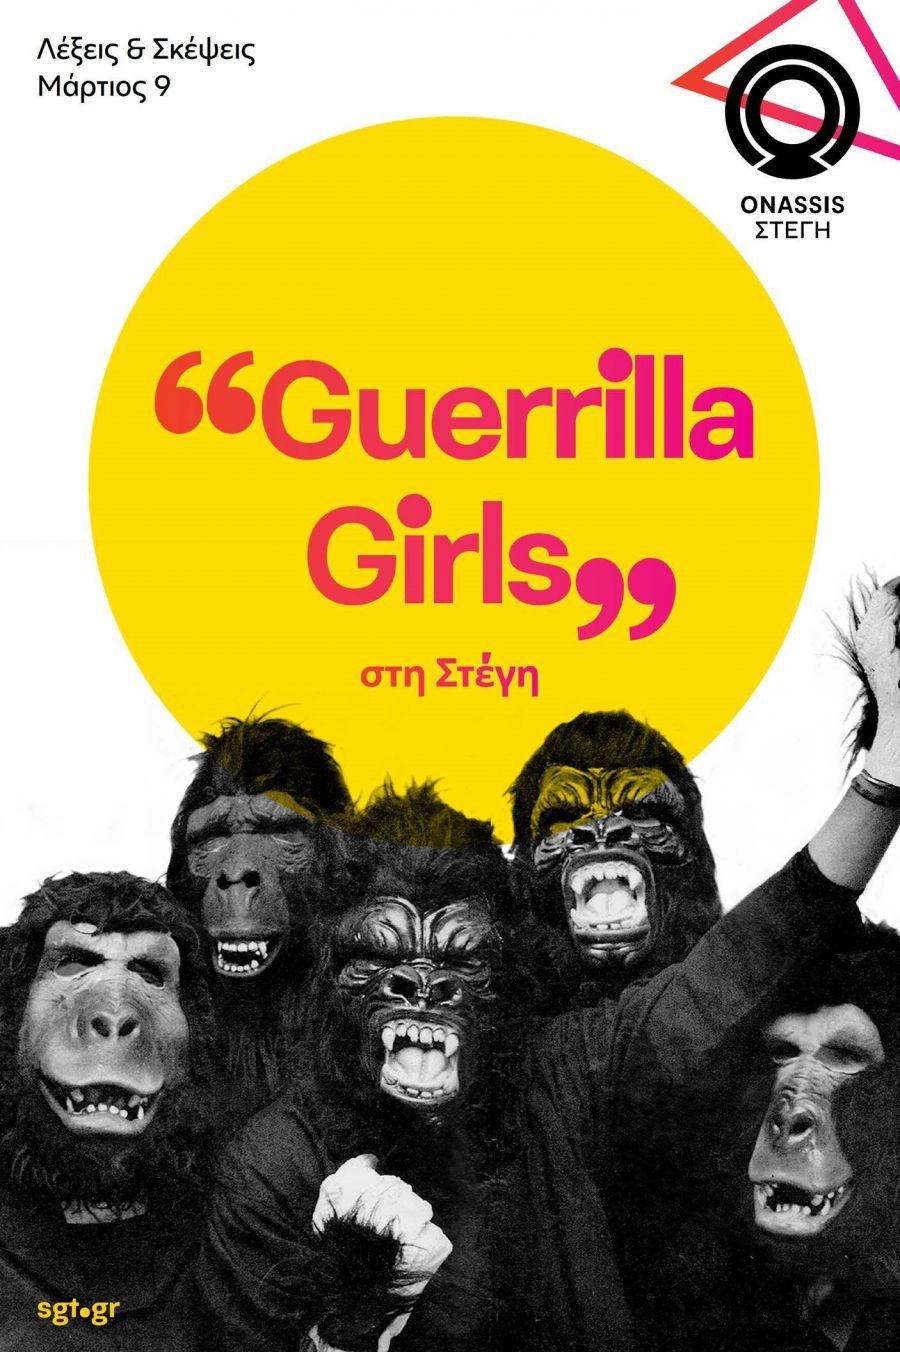 Guerrilla Girls_poster